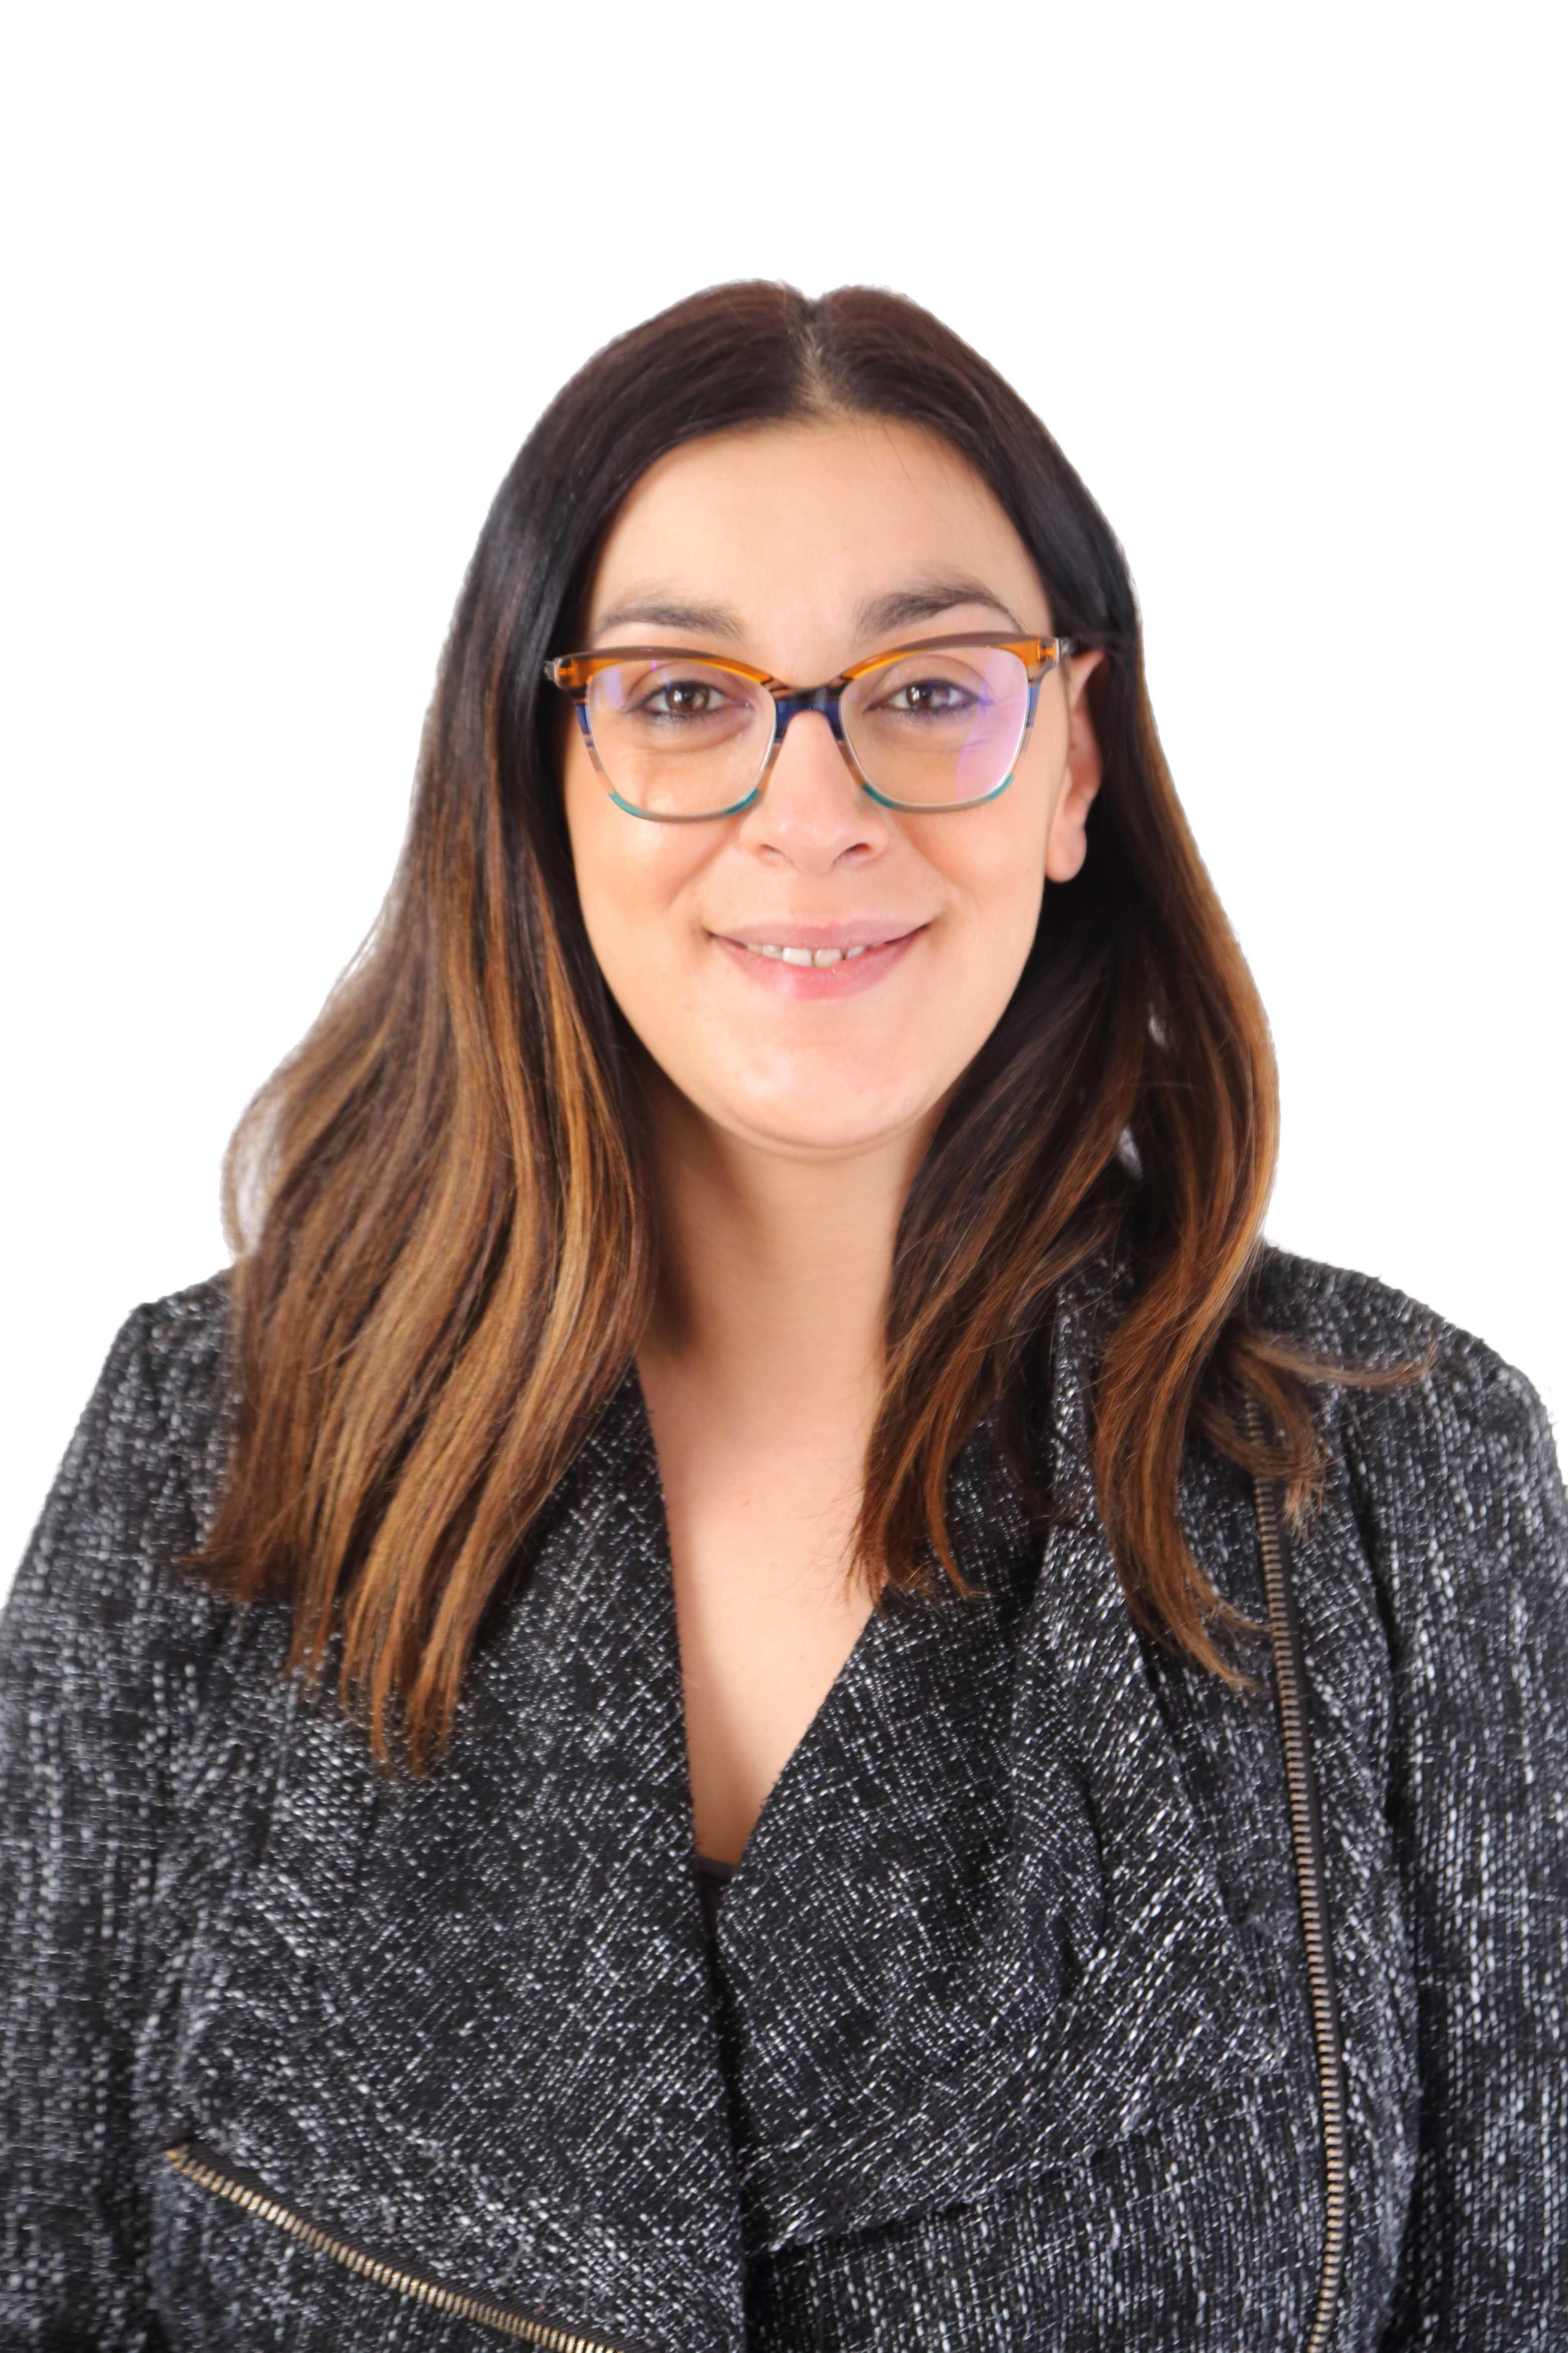 Nicole Lanni